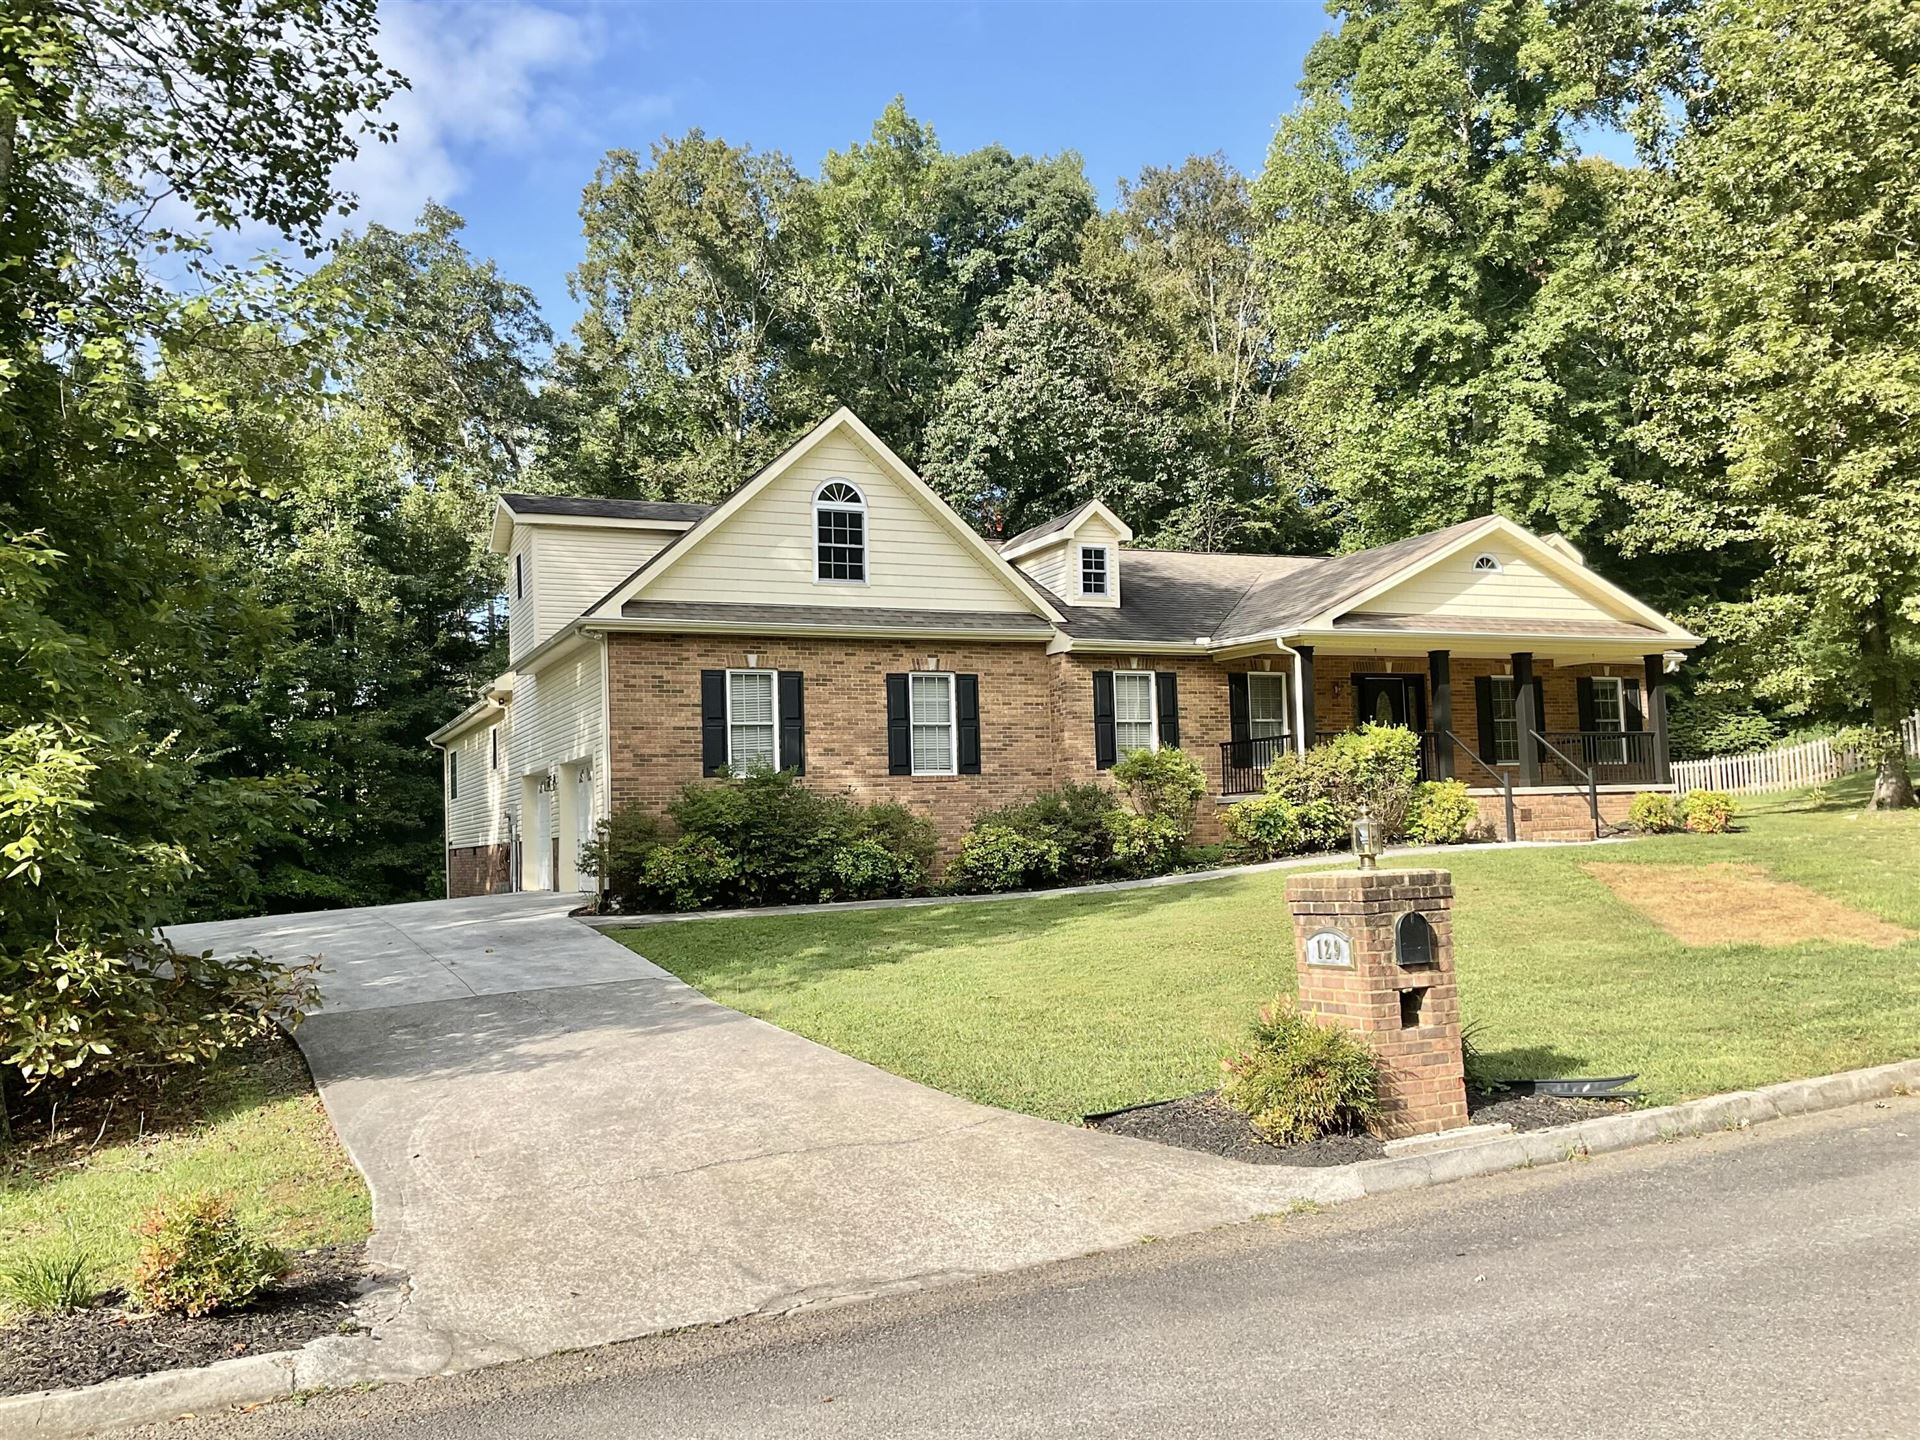 Photo of 129 Mockingbird Hill Lane, Powell, TN 37849 (MLS # 1167817)